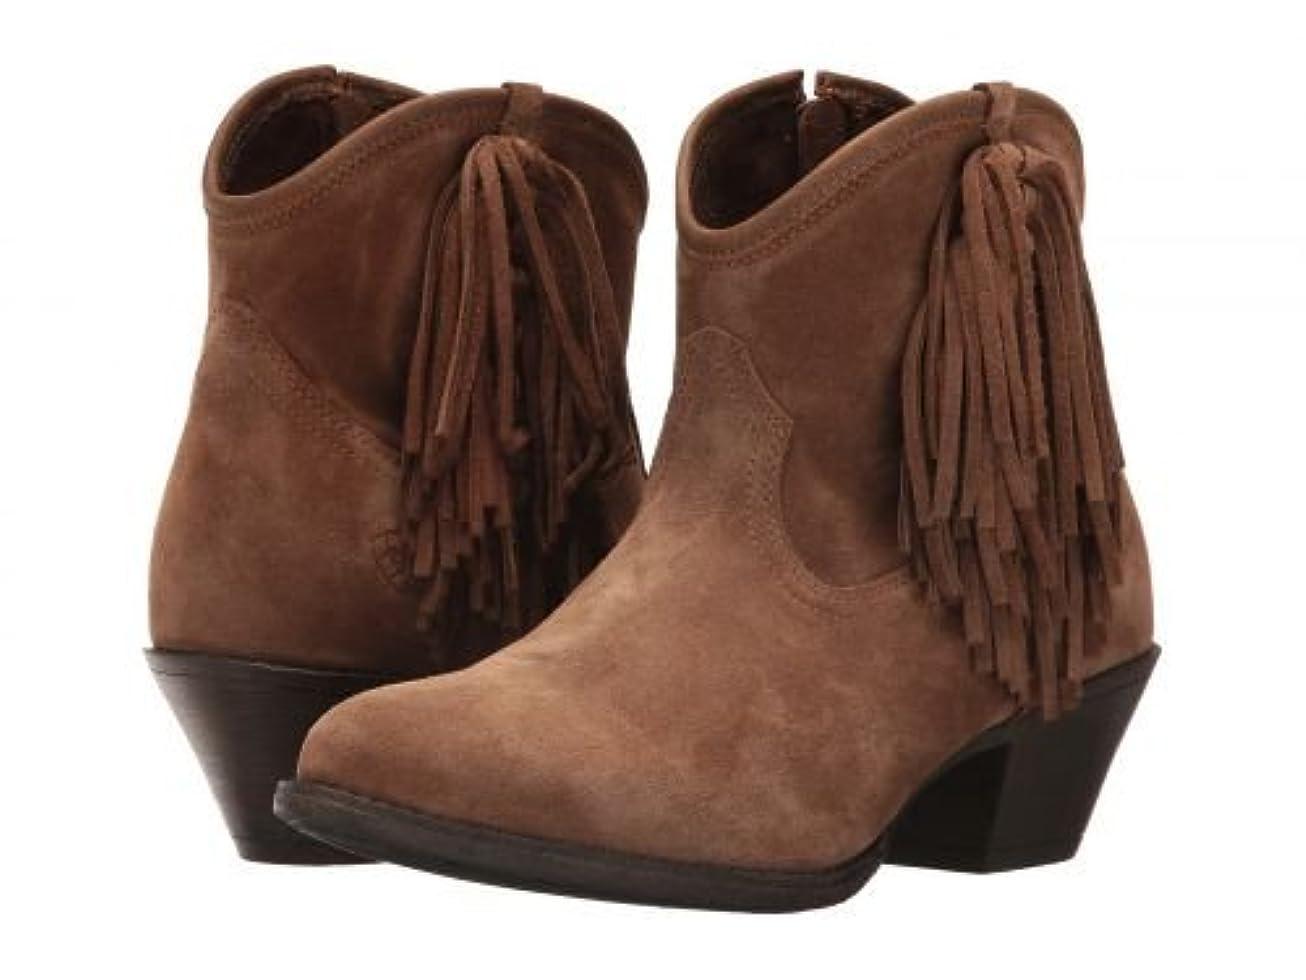 城トランペット動かないAriat(アリアト) レディース 女性用 シューズ 靴 ブーツ アンクルブーツ ショート Duchess - Dirty Tan Suede [並行輸入品]